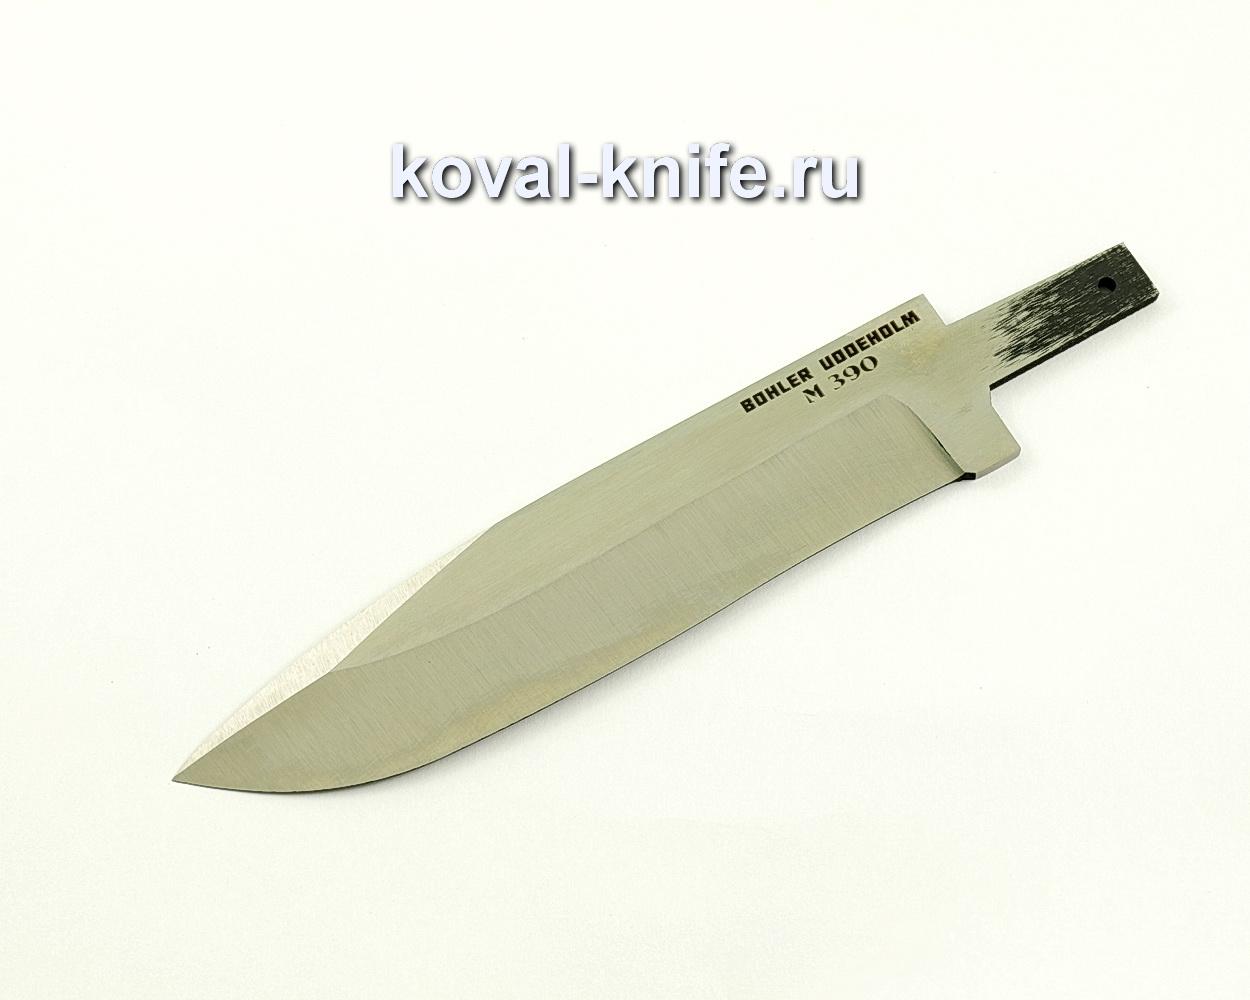 Клинок для ножа из порошковой стали M390 Олимп